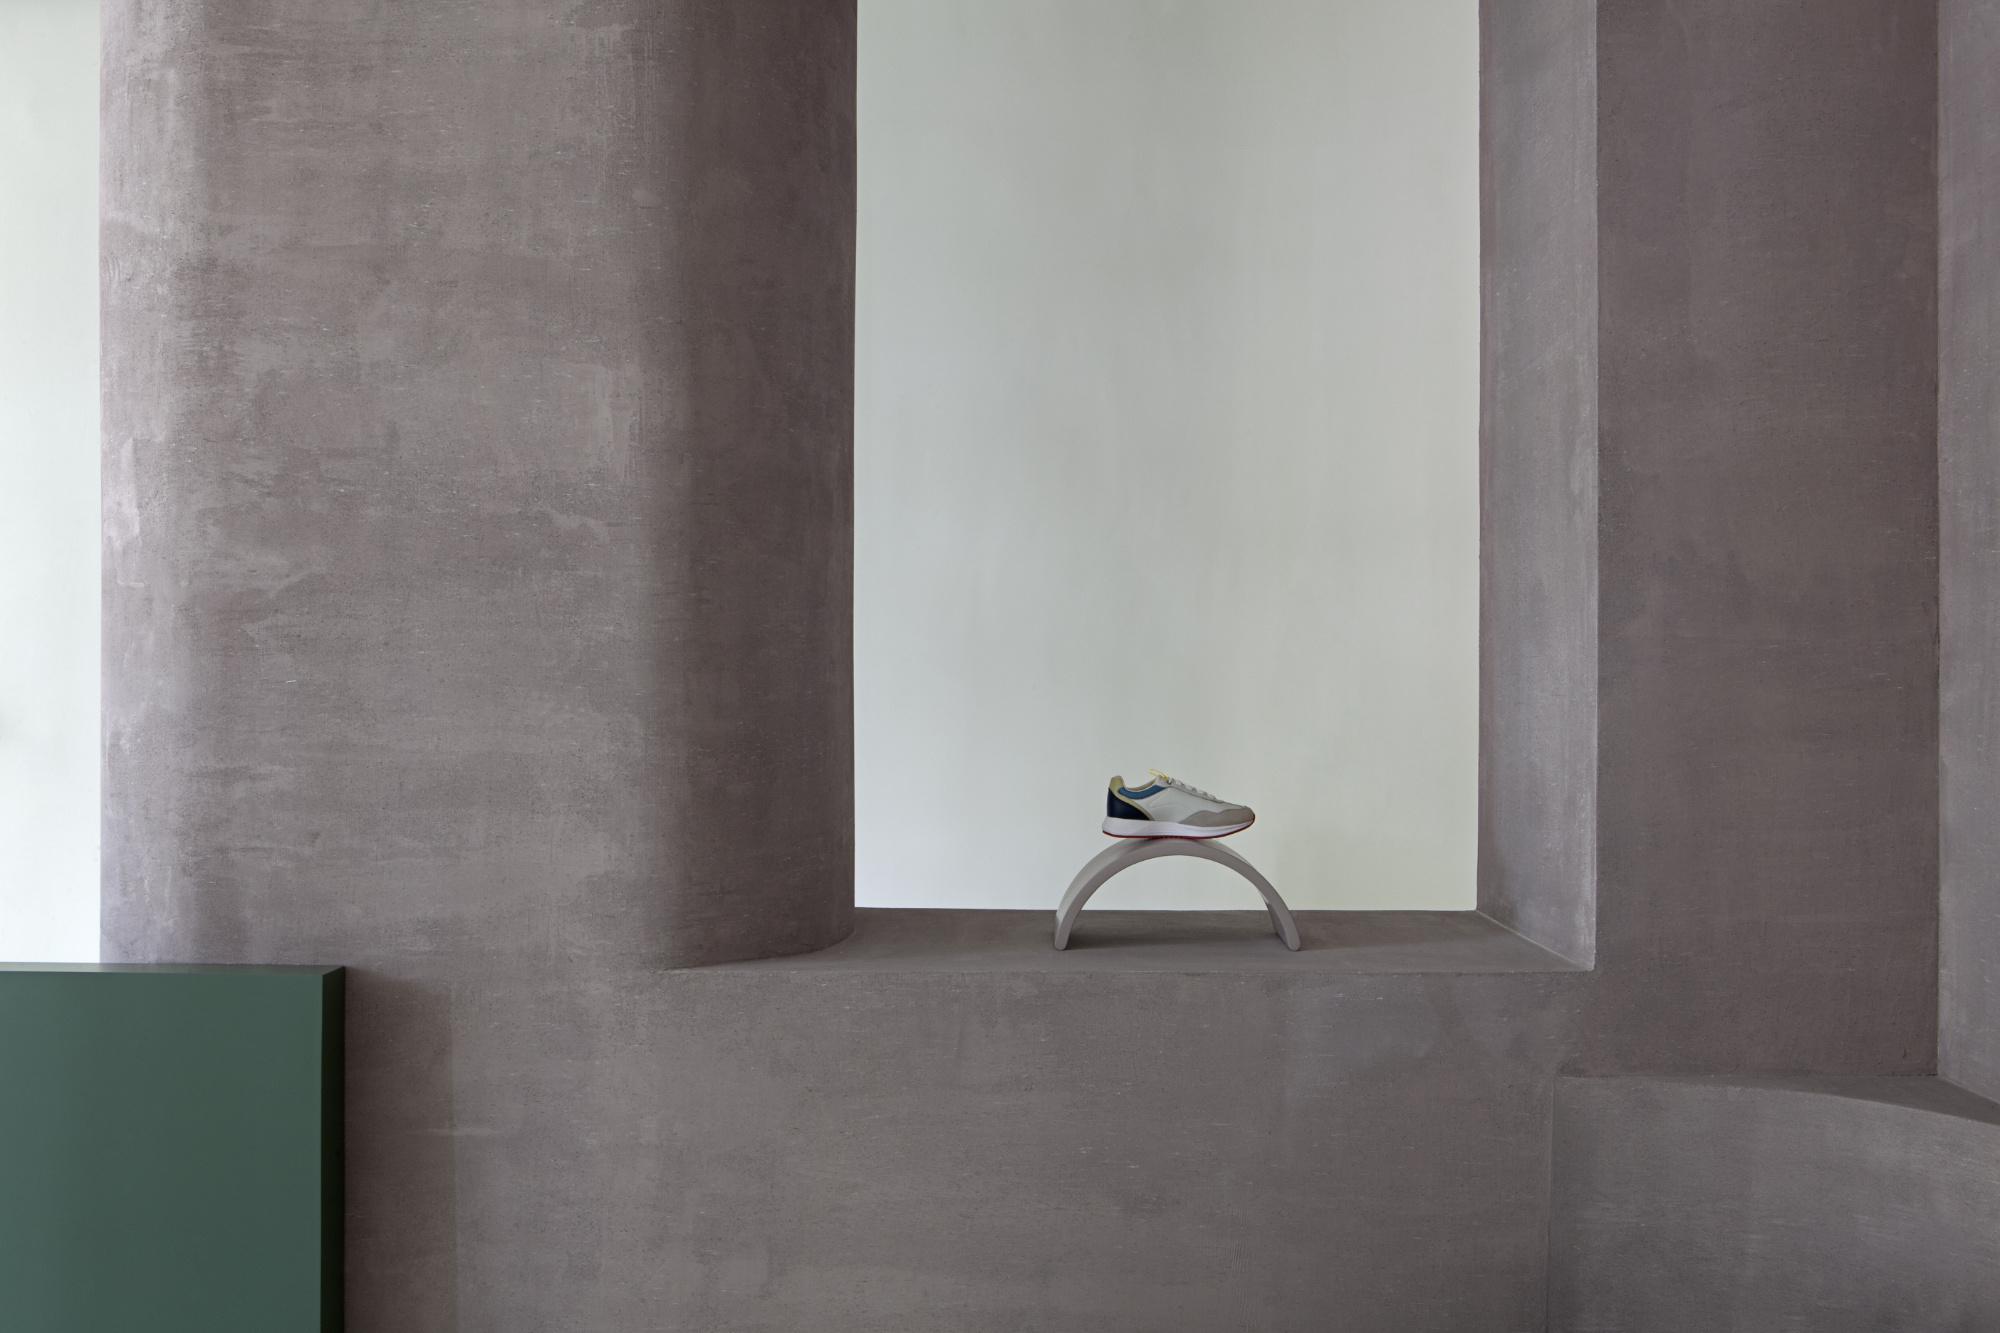 Die Wände sind mit einer Schicht aus pigmentiertem Zement behandelt.